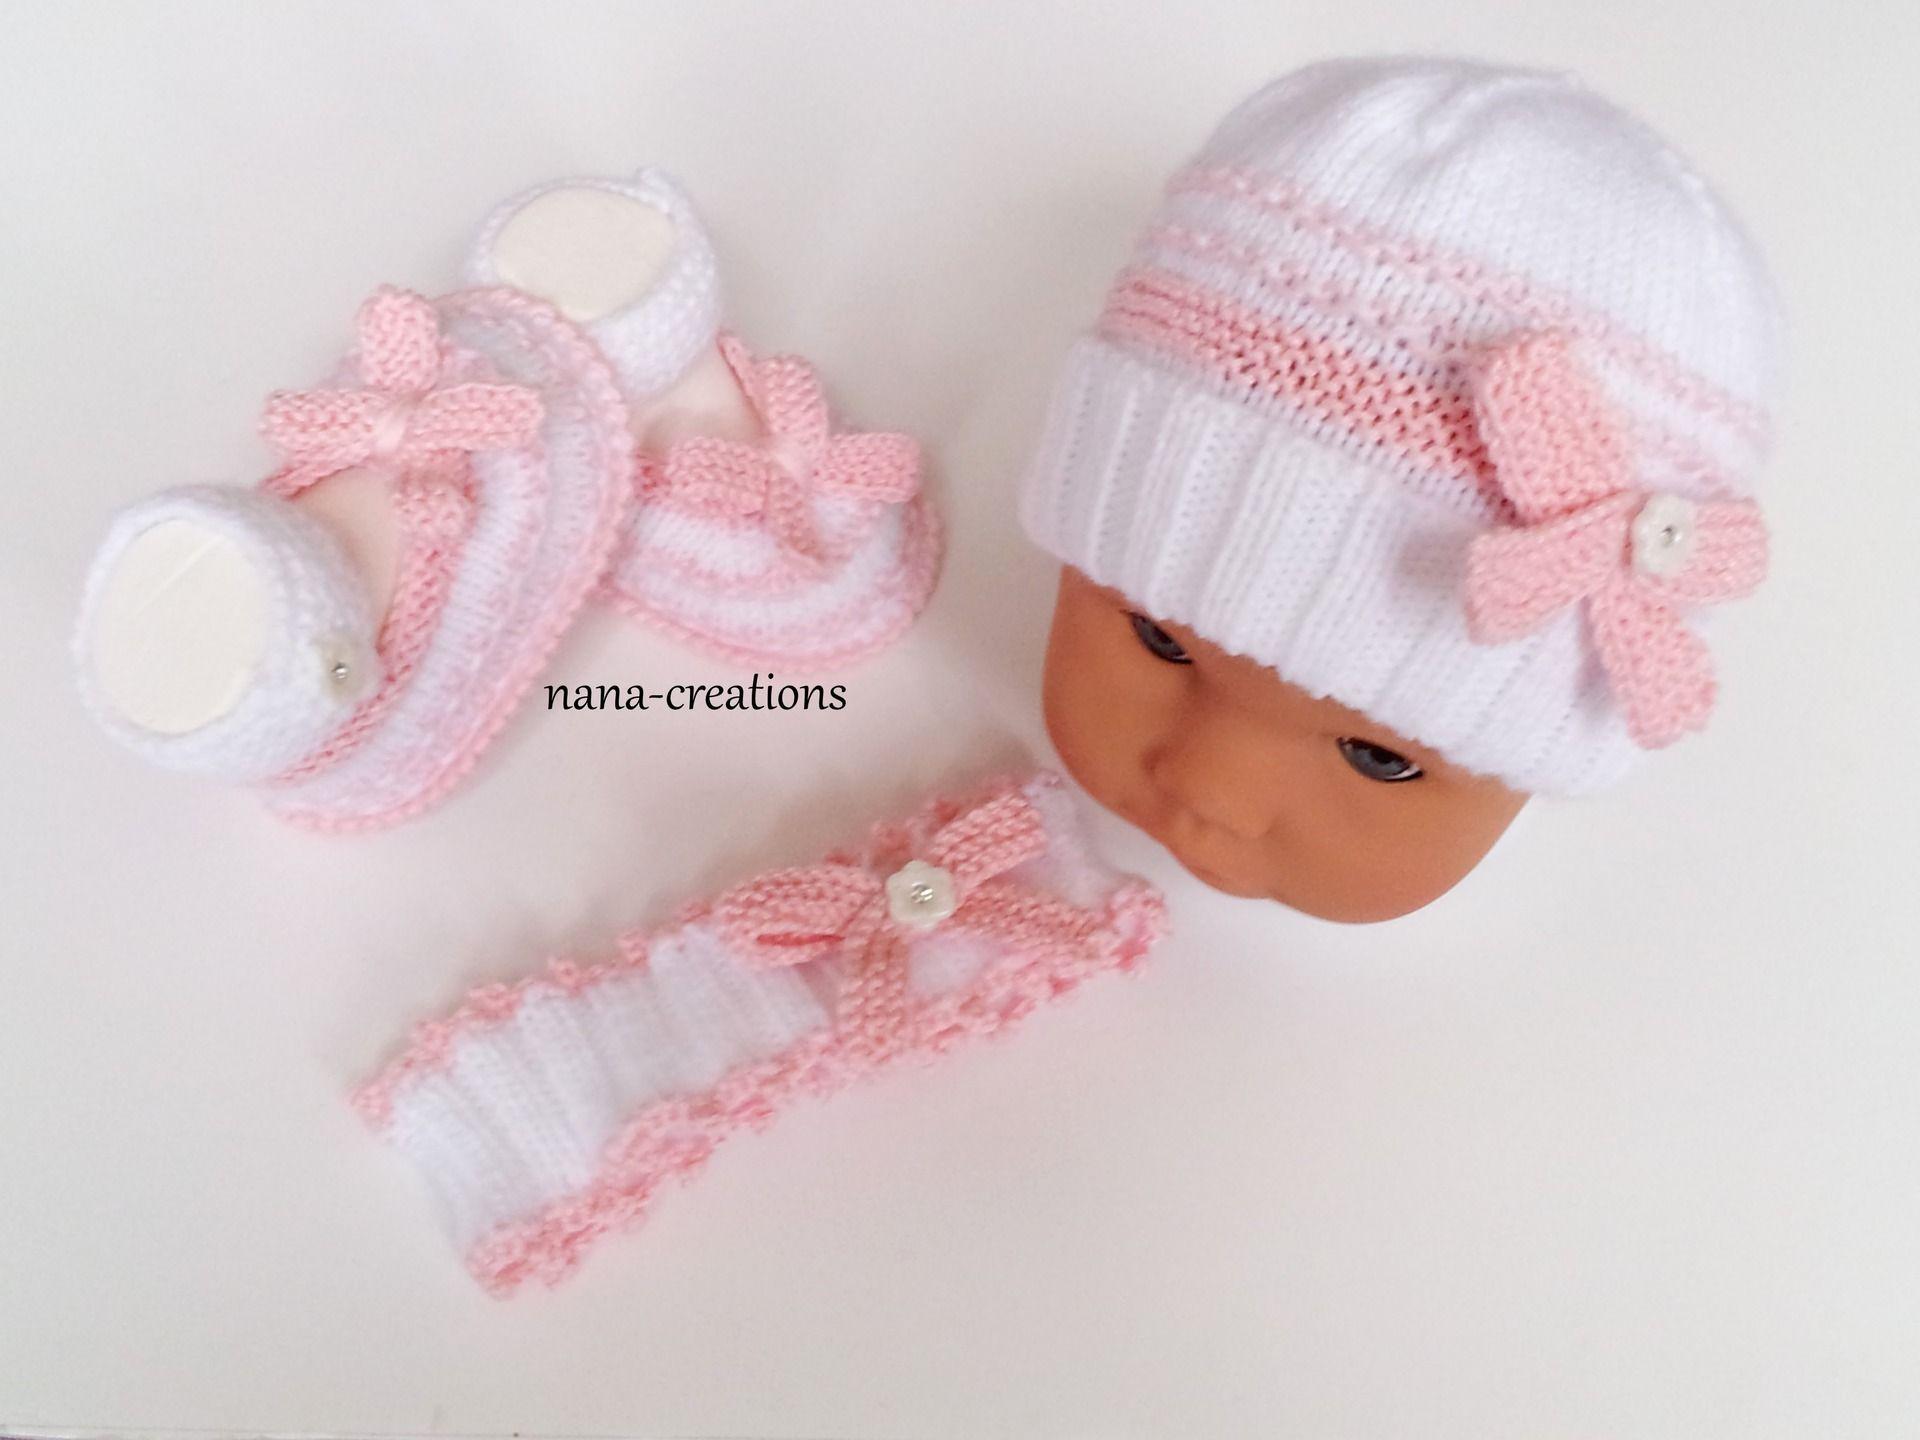 e8db5f7d1766 Bonnet naissance laine ou coton tuto tricot brassiere naissance ...